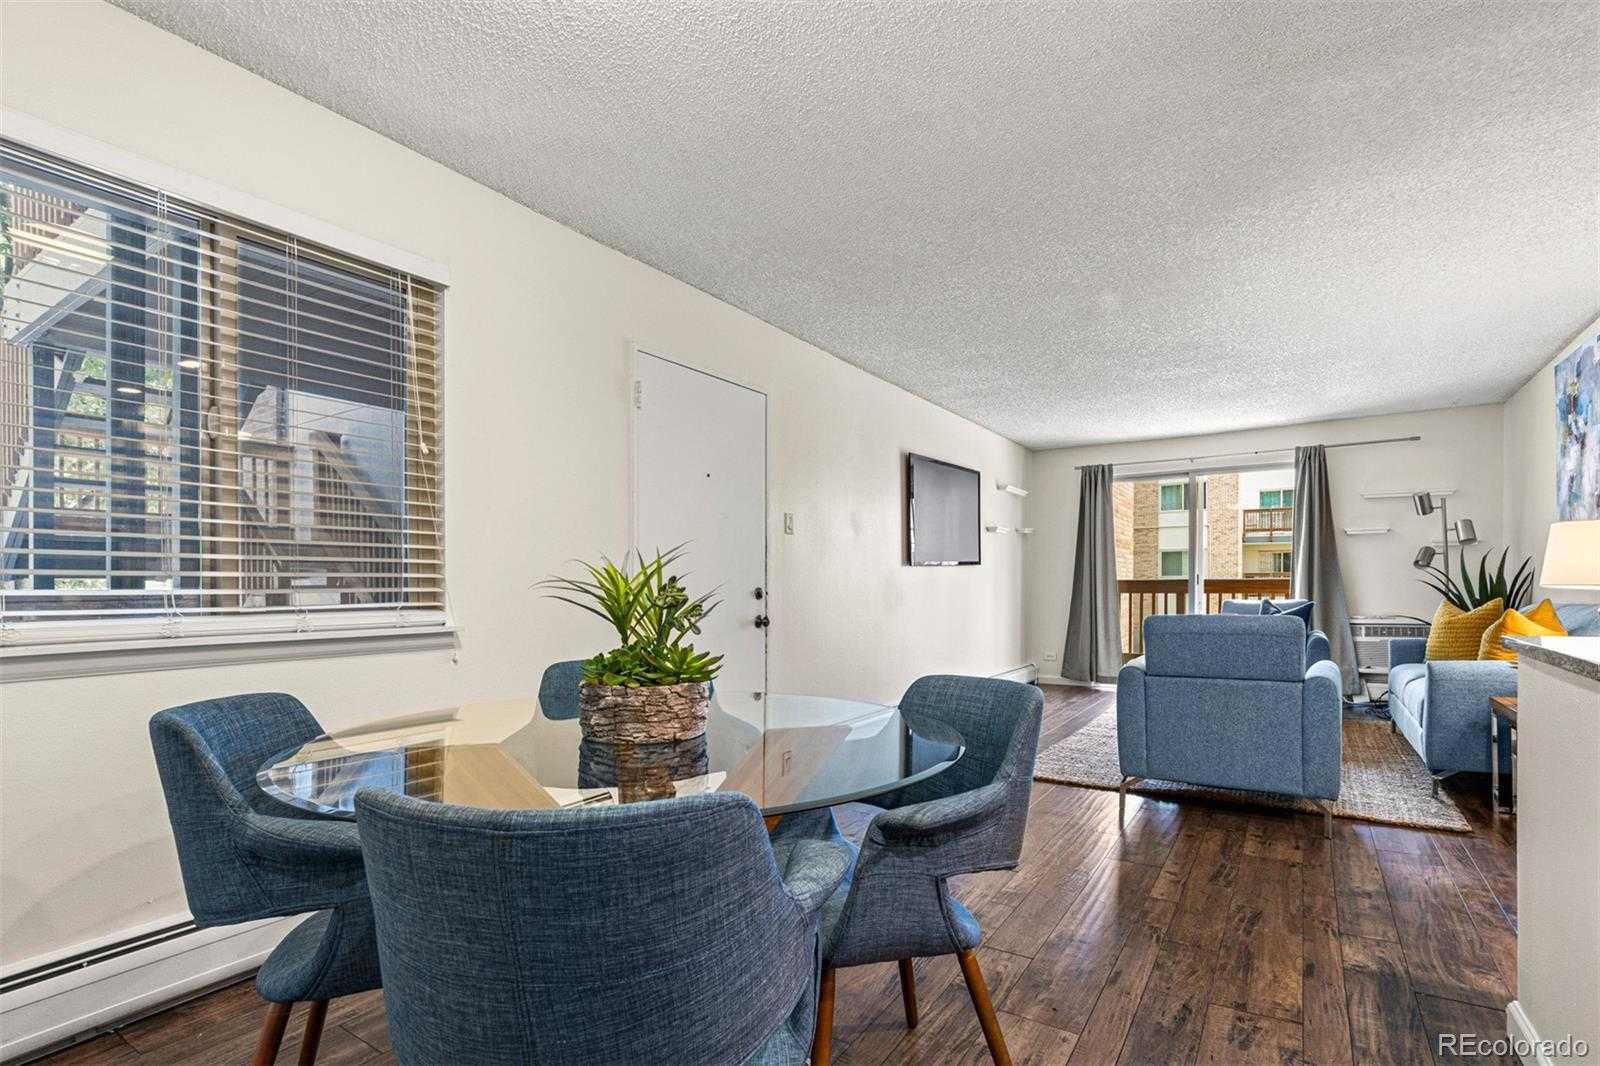 $235,000 - 2Br/1Ba -  for Sale in Gaiser Holly Ridge, Denver